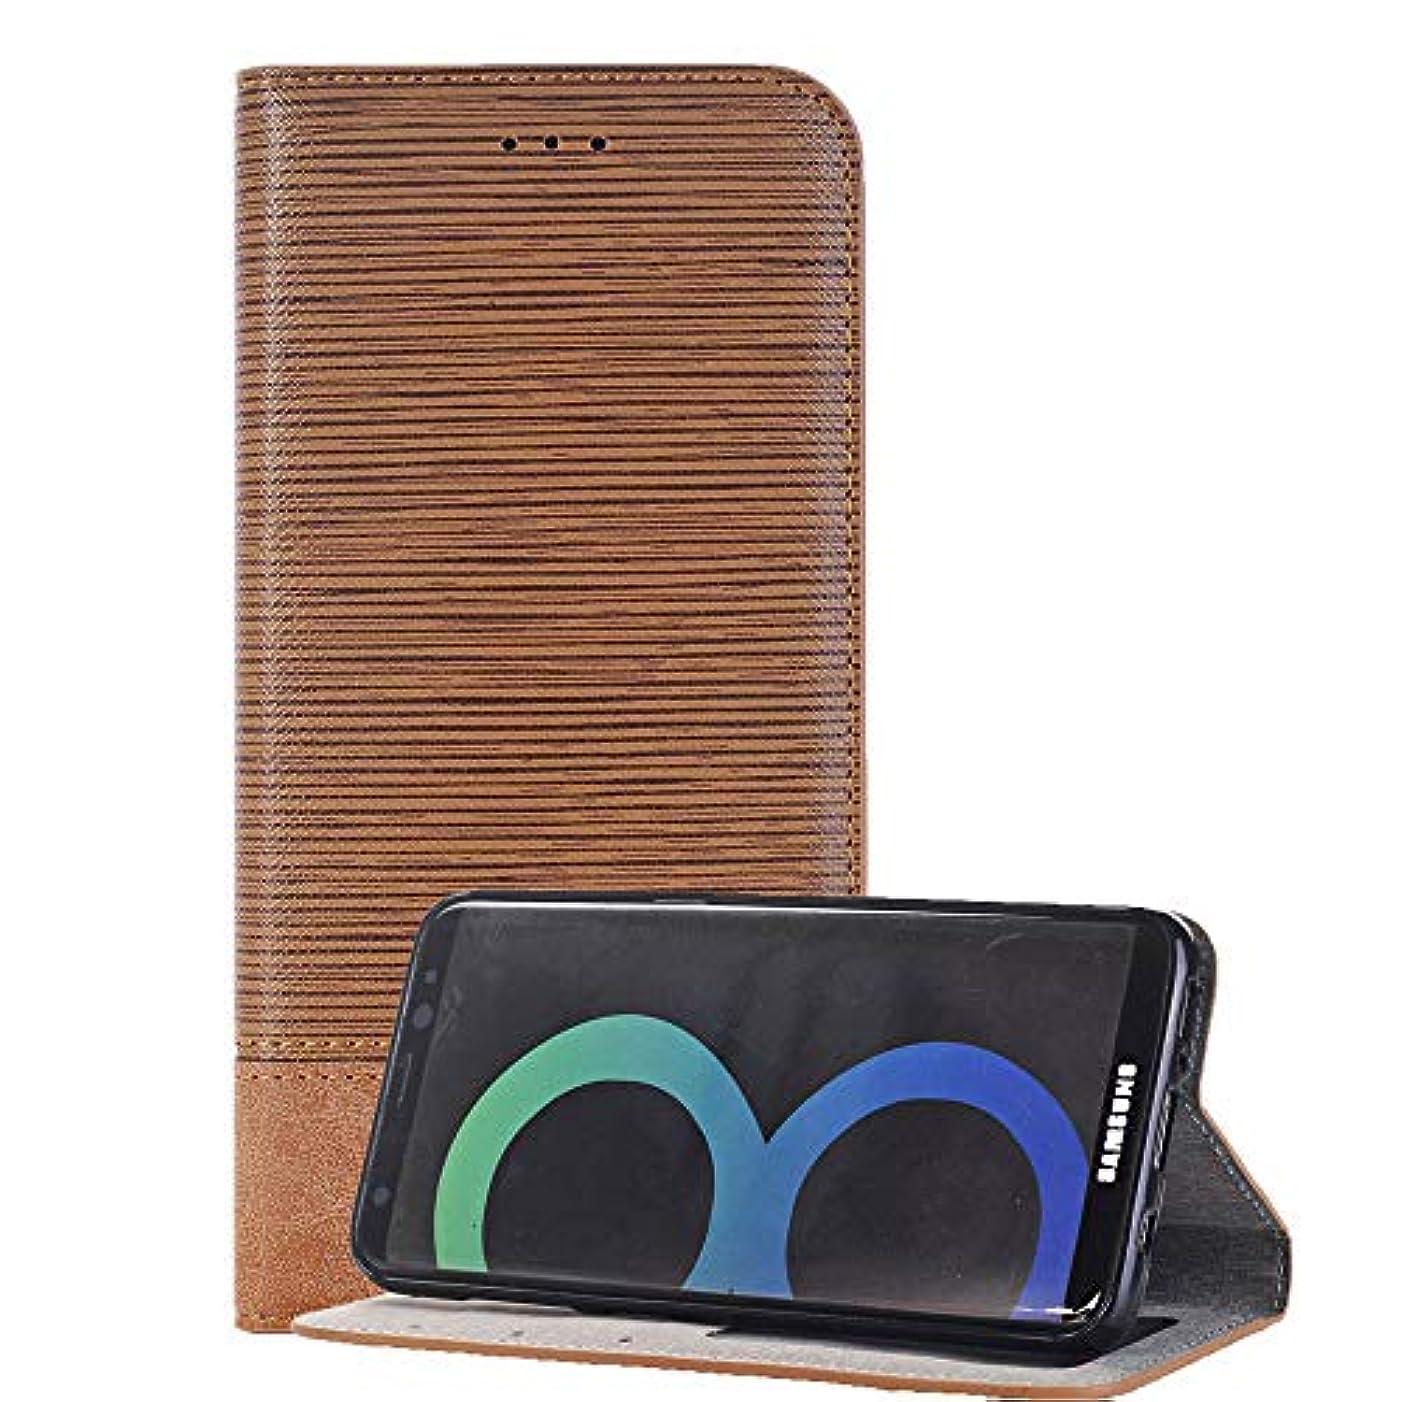 バリーパッケージ霊Samsung Galaxy S8 手帳型 ケース ギャラクシーs8 スマホケース カバー 脱着簡単 カードポケット 高品質 人気 おしゃれ カバー(ライトブラウン)